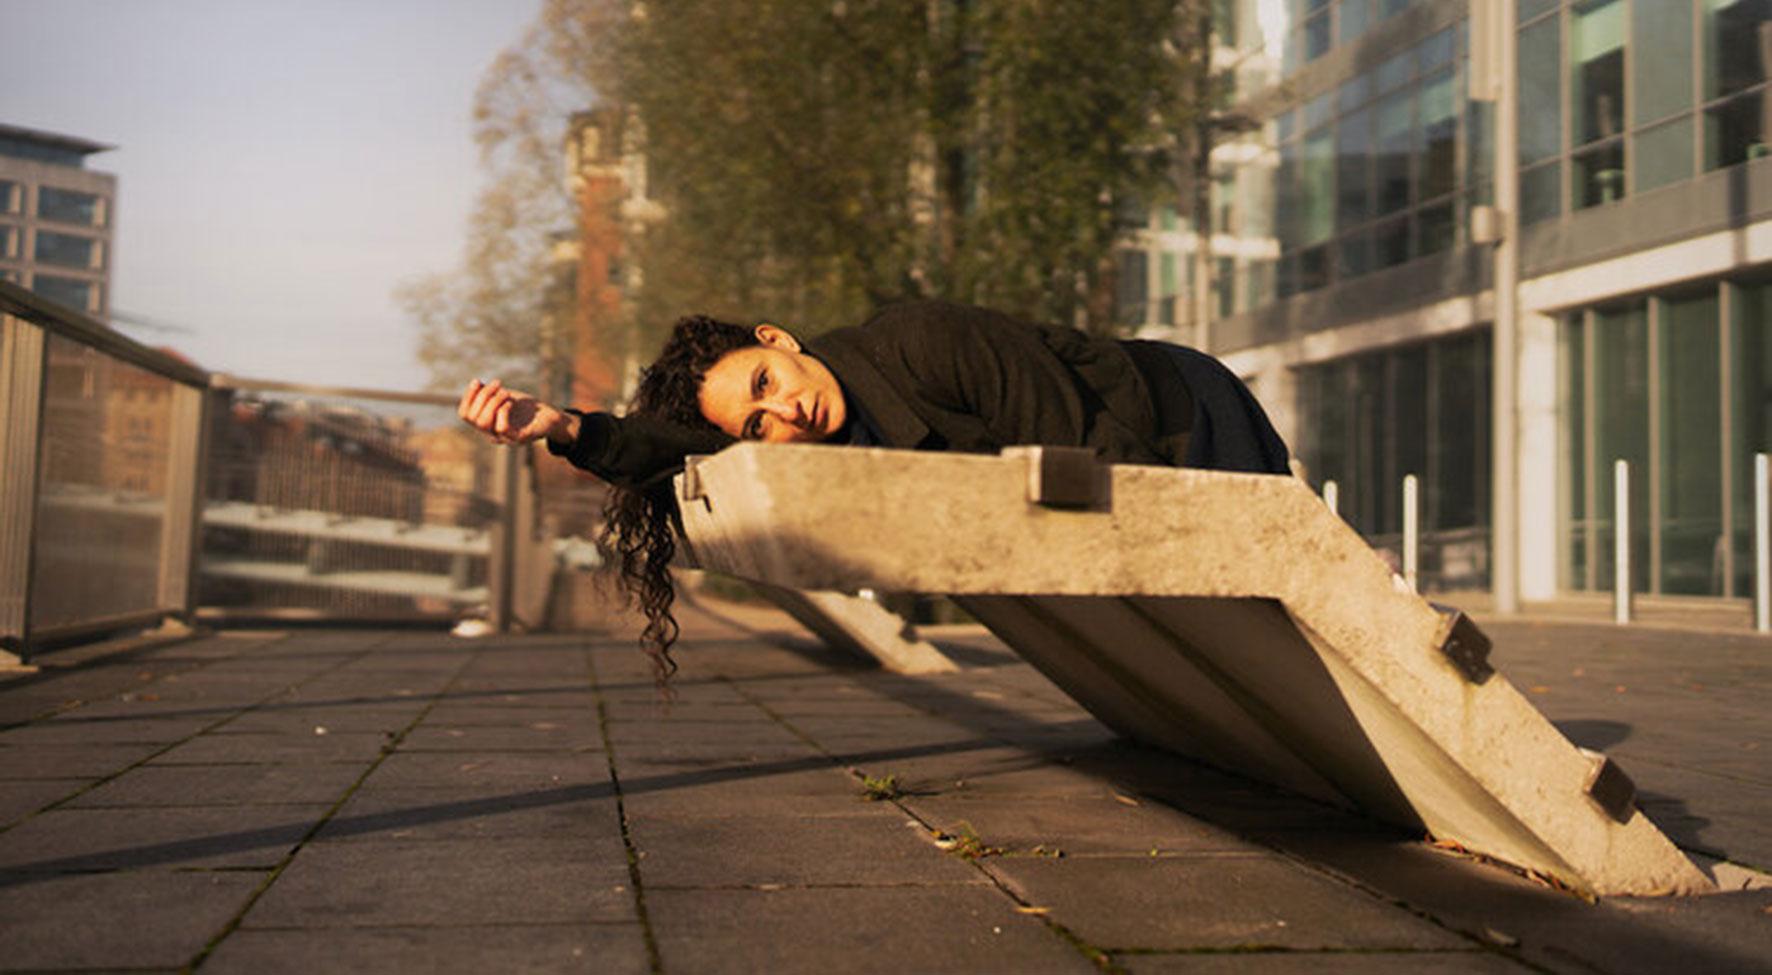 © Paul Samuel White. In einer betonierten Stadtlandschaft liegt eine Frau mit langen dunklen Haaren und einem schwarzen Outfit auf einem Betonelement und schaut in die Kamera.